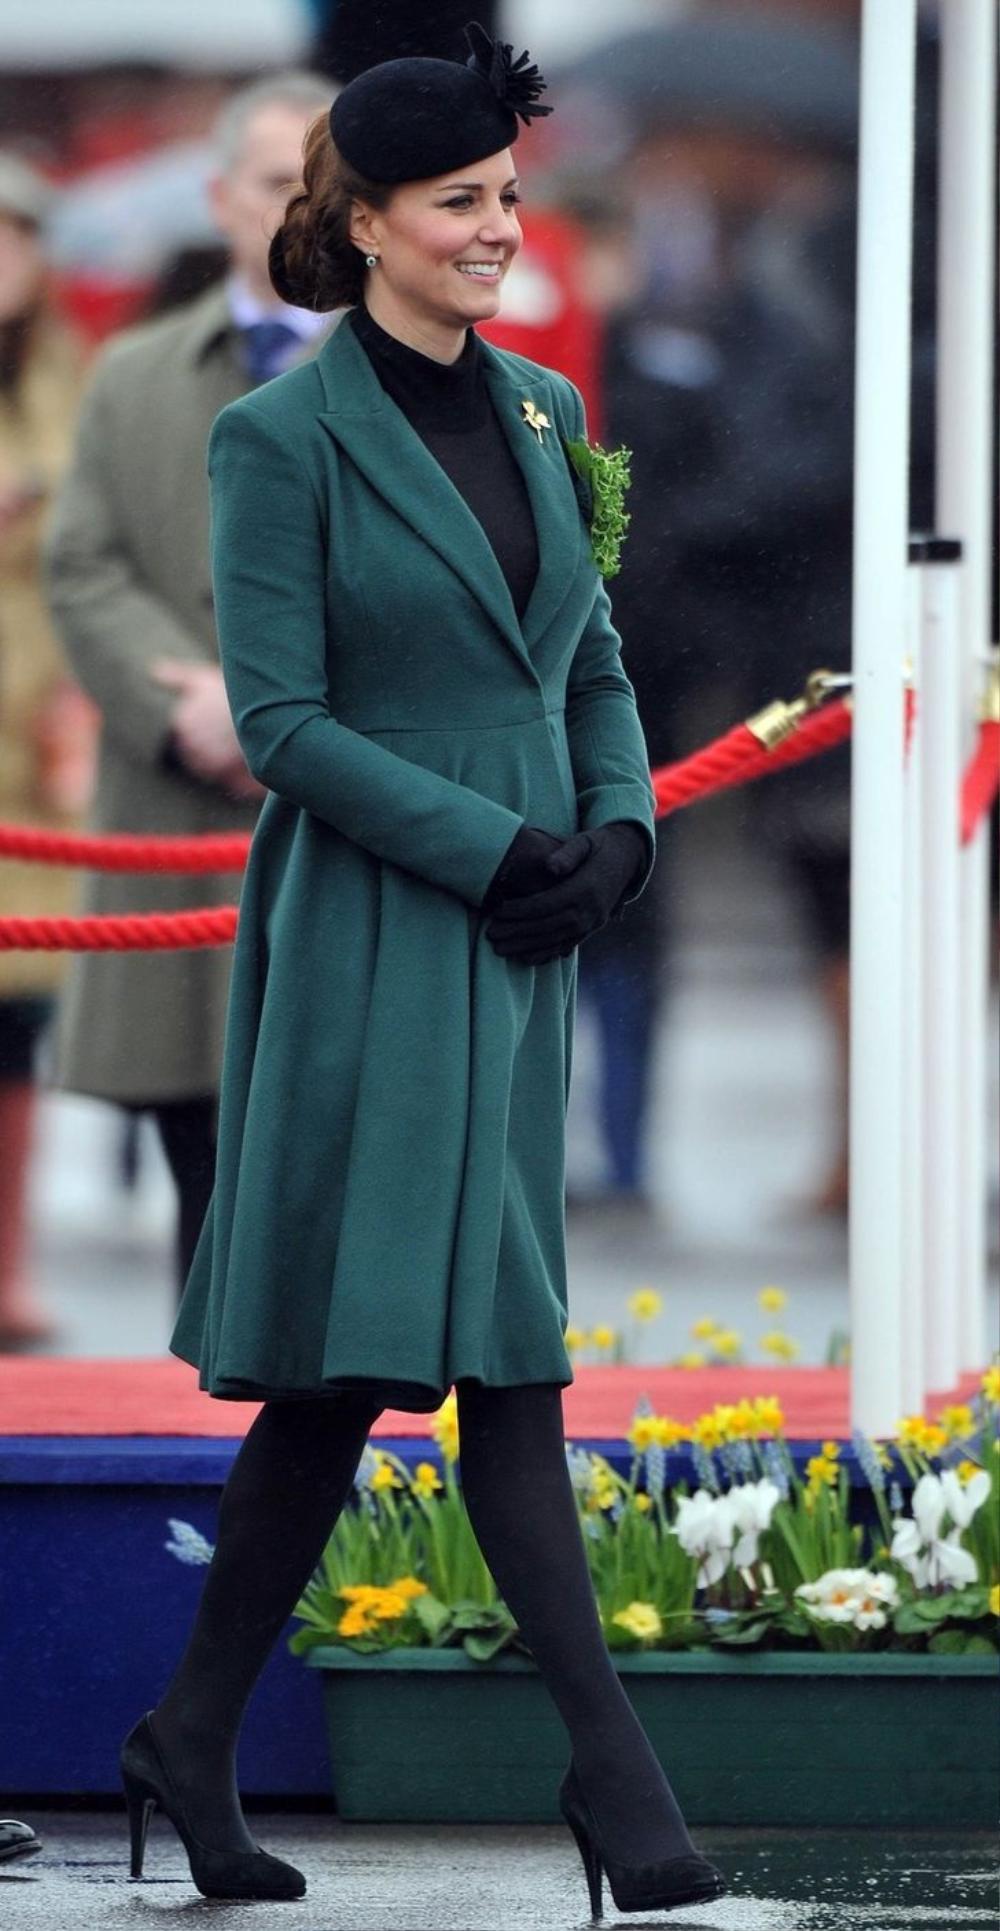 Bí ẩn tủ đồ Hoàng gia: 15 lần phụ nữ Hoàng gia khéo léo sửa lại quần áo cũ để tái sử dụng Ảnh 21